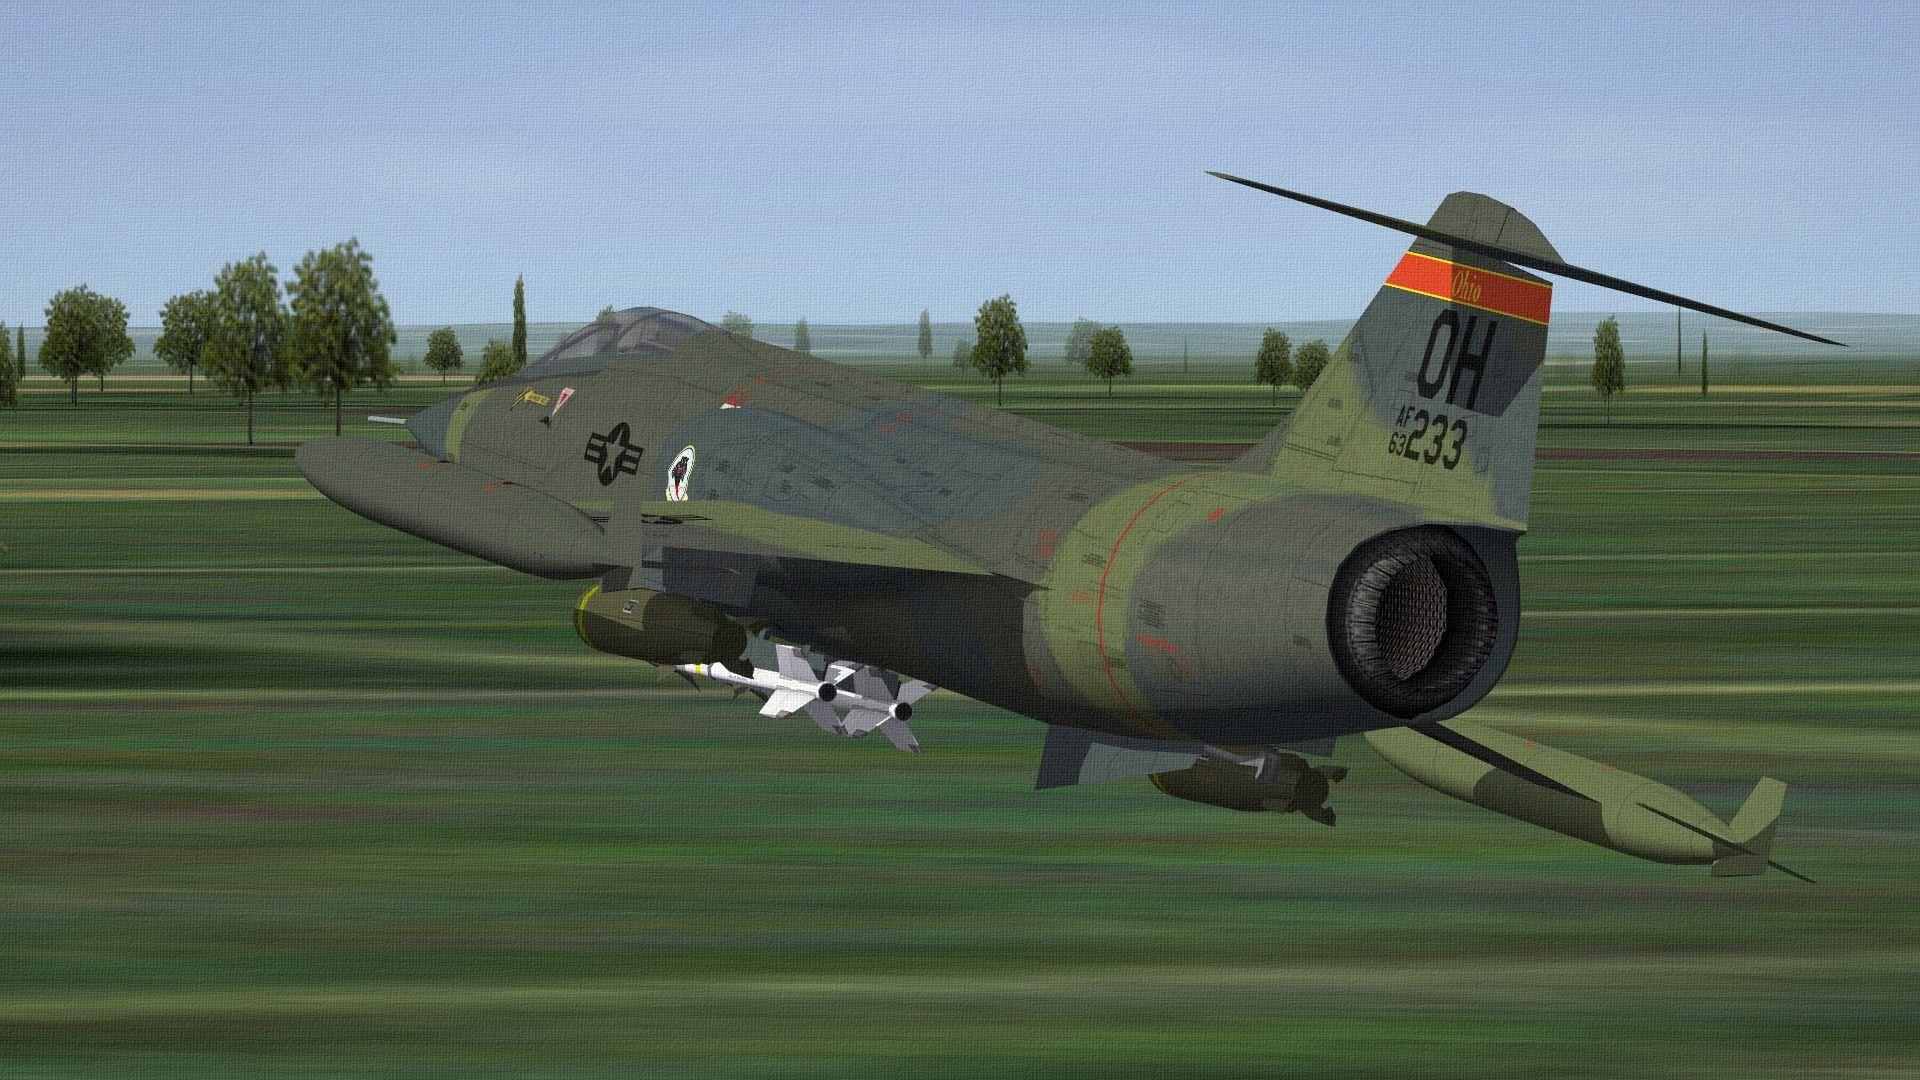 USAFF-104CSTARFIGHTER08.jpg